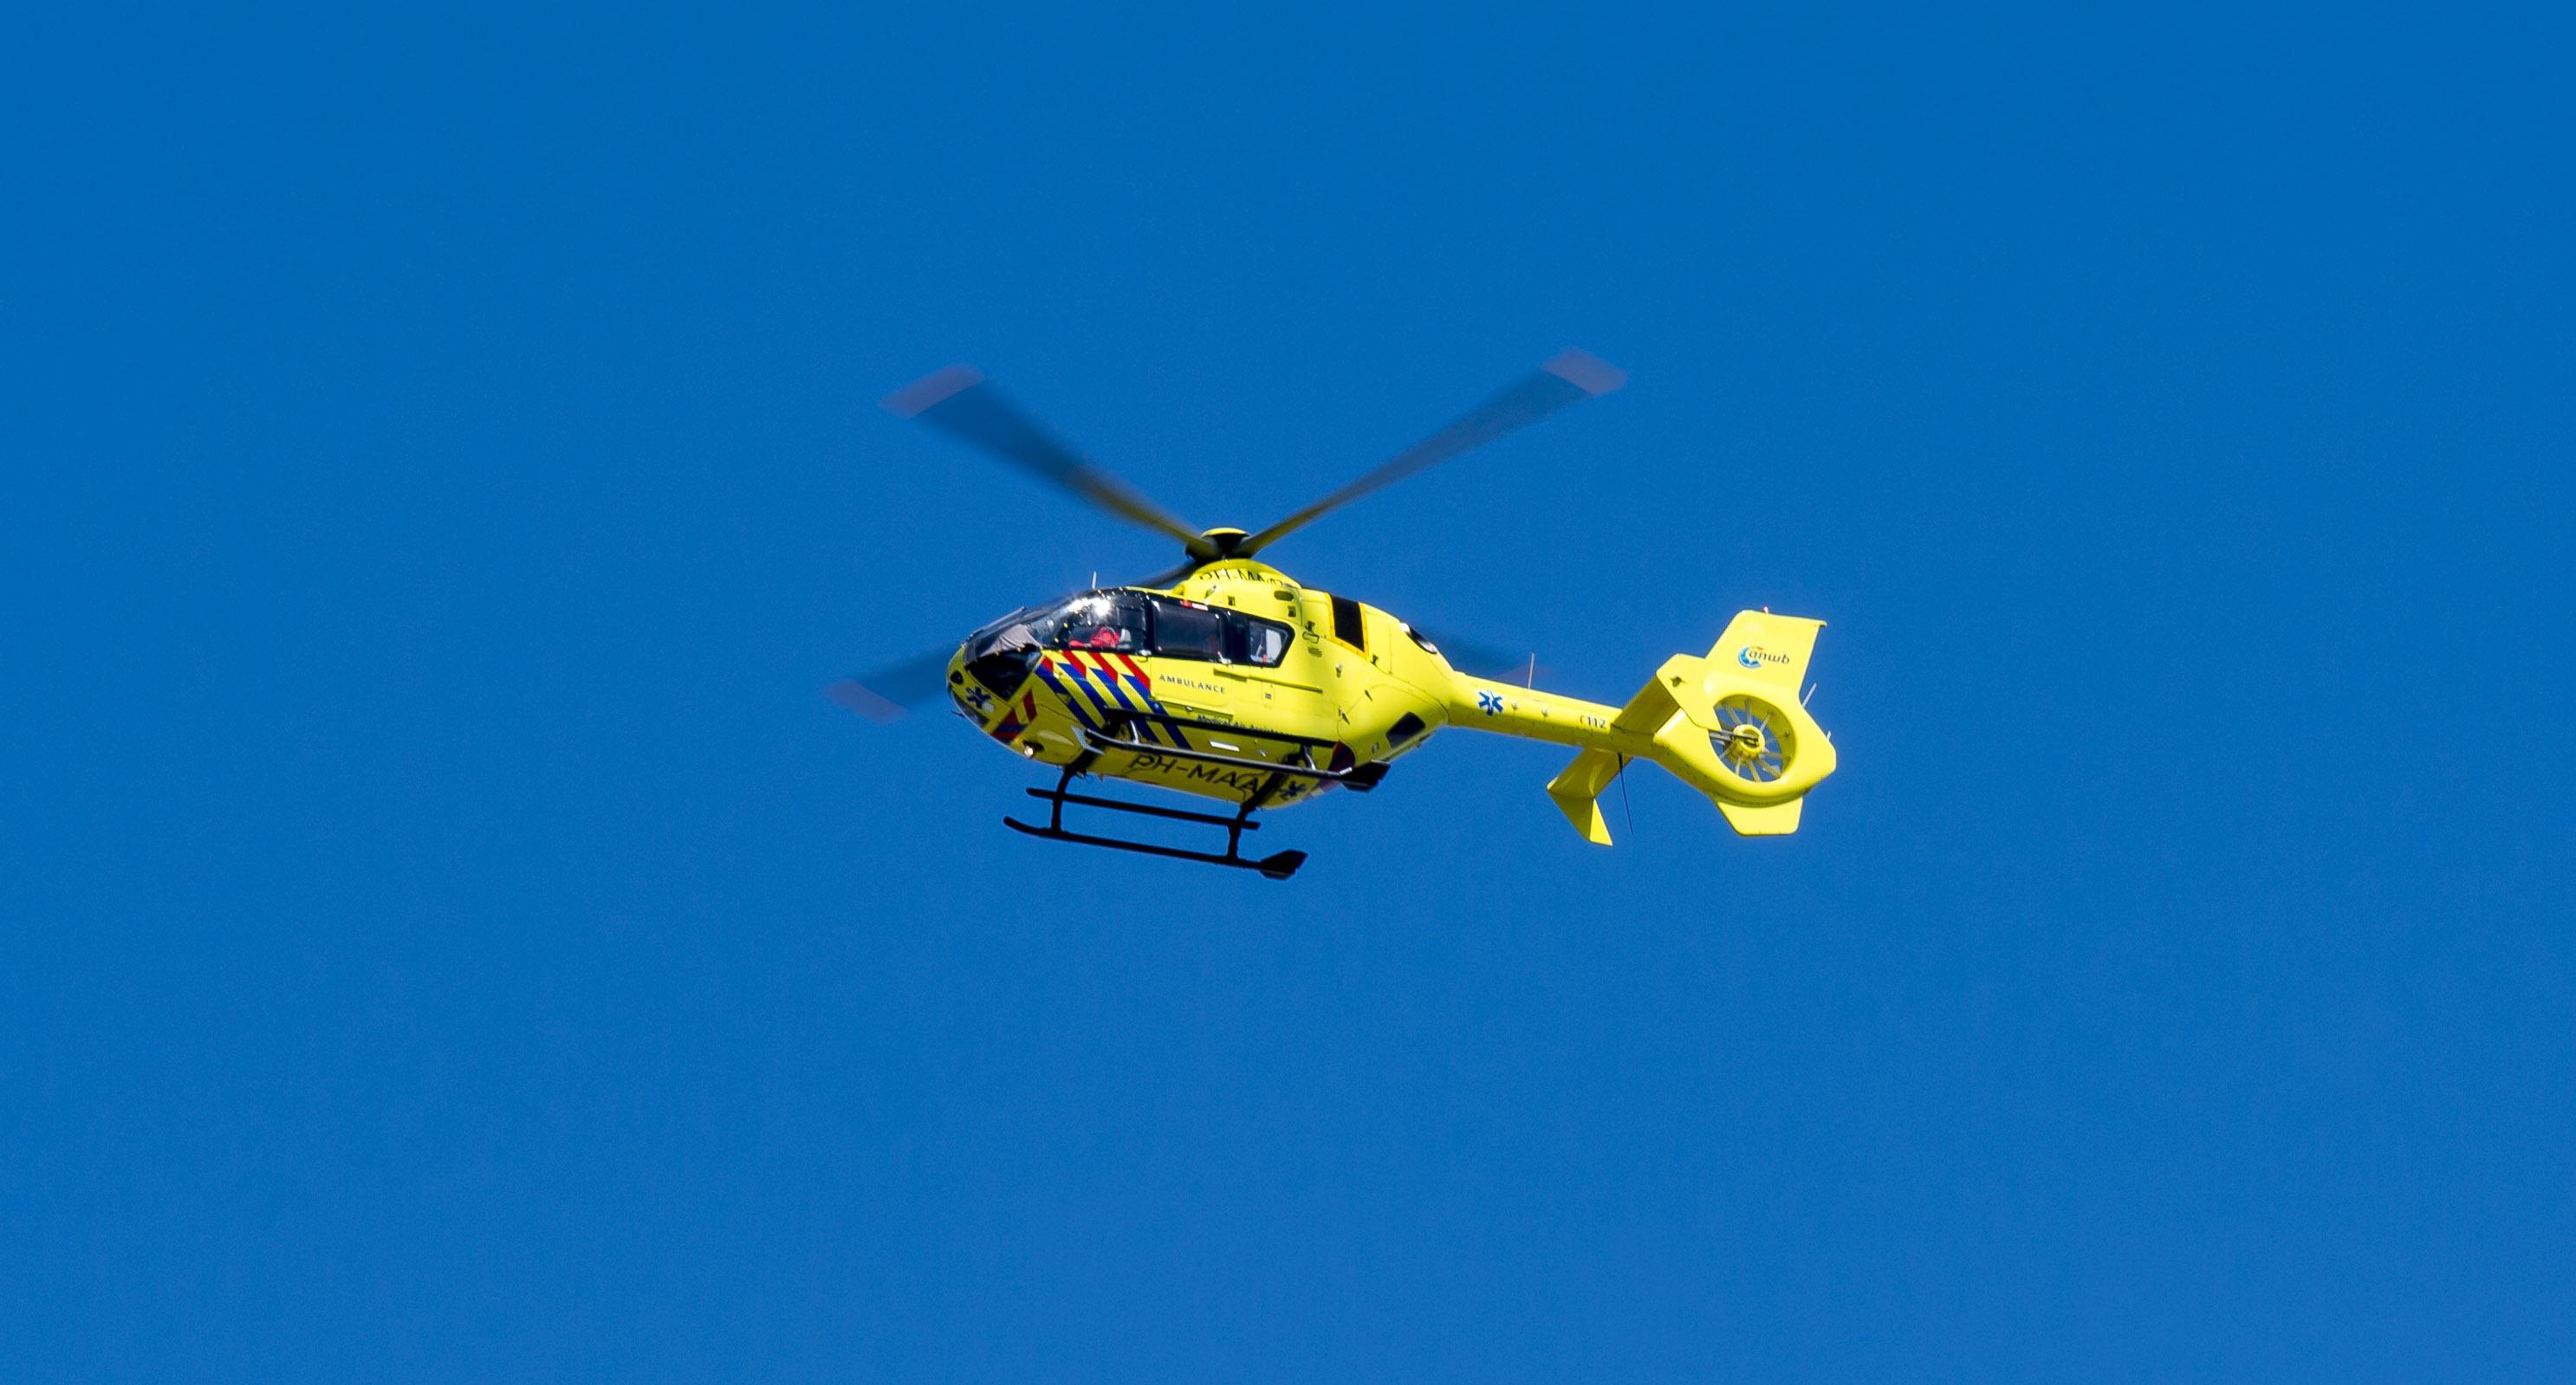 Veiligheidsregio wil dat tijdelijke landingsplaats traumahelikopter bij Alkmaars ziekenhuis langer kan worden gebruikt